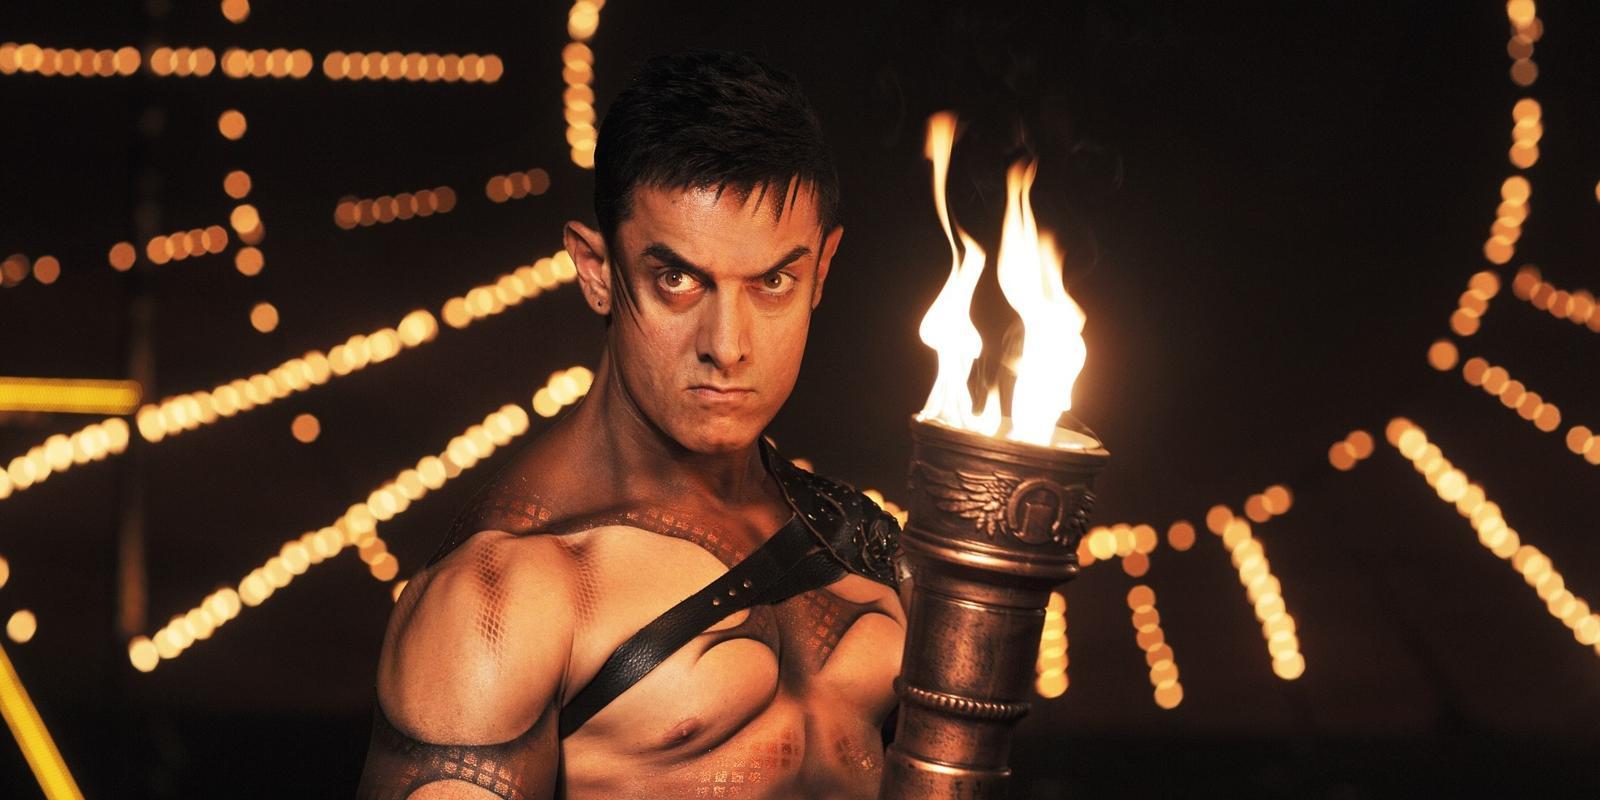 dhoom 3 review: aamir khan is spellbinding